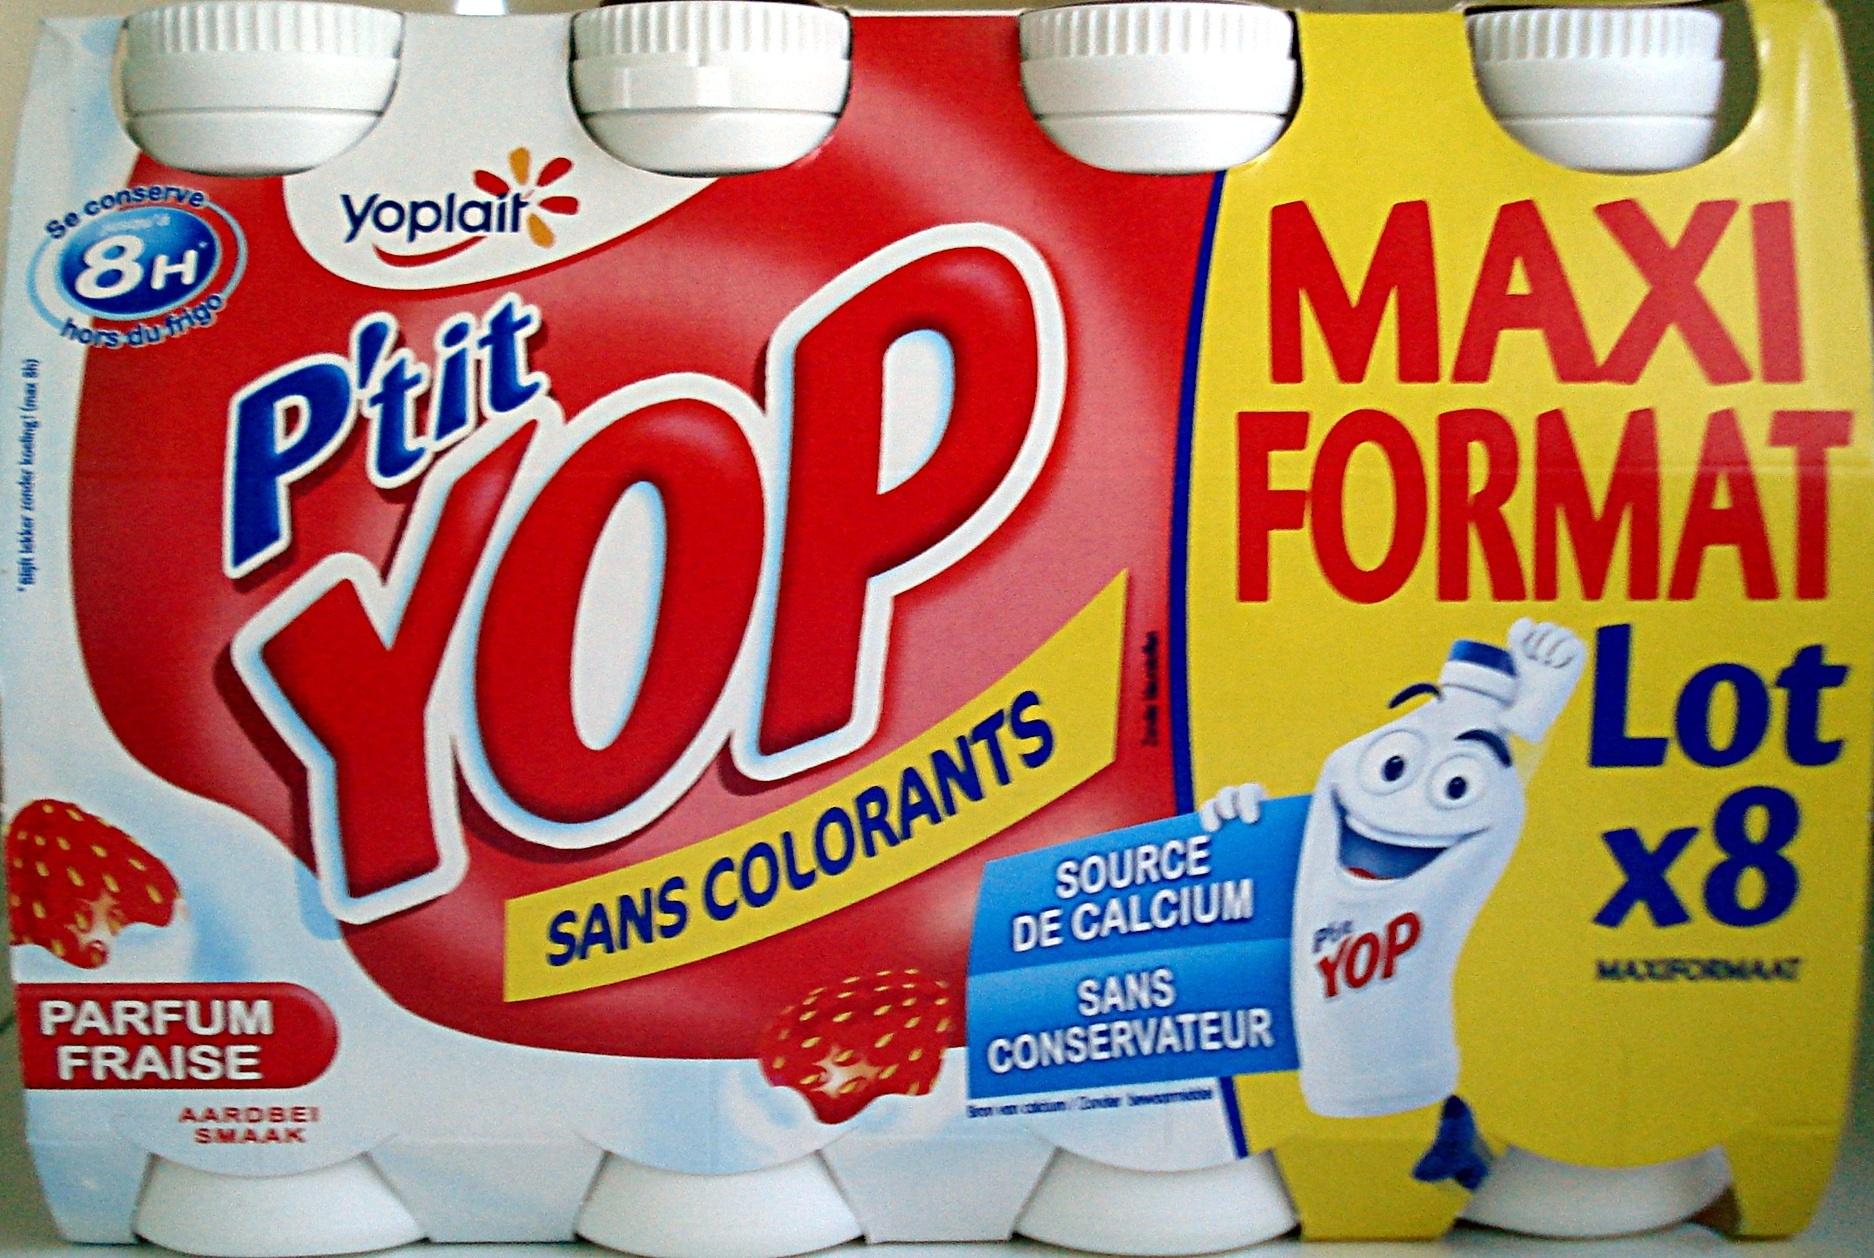 P'tit Yop, Parfum Fraise (Maxi Format Lot x 8) - Product - fr